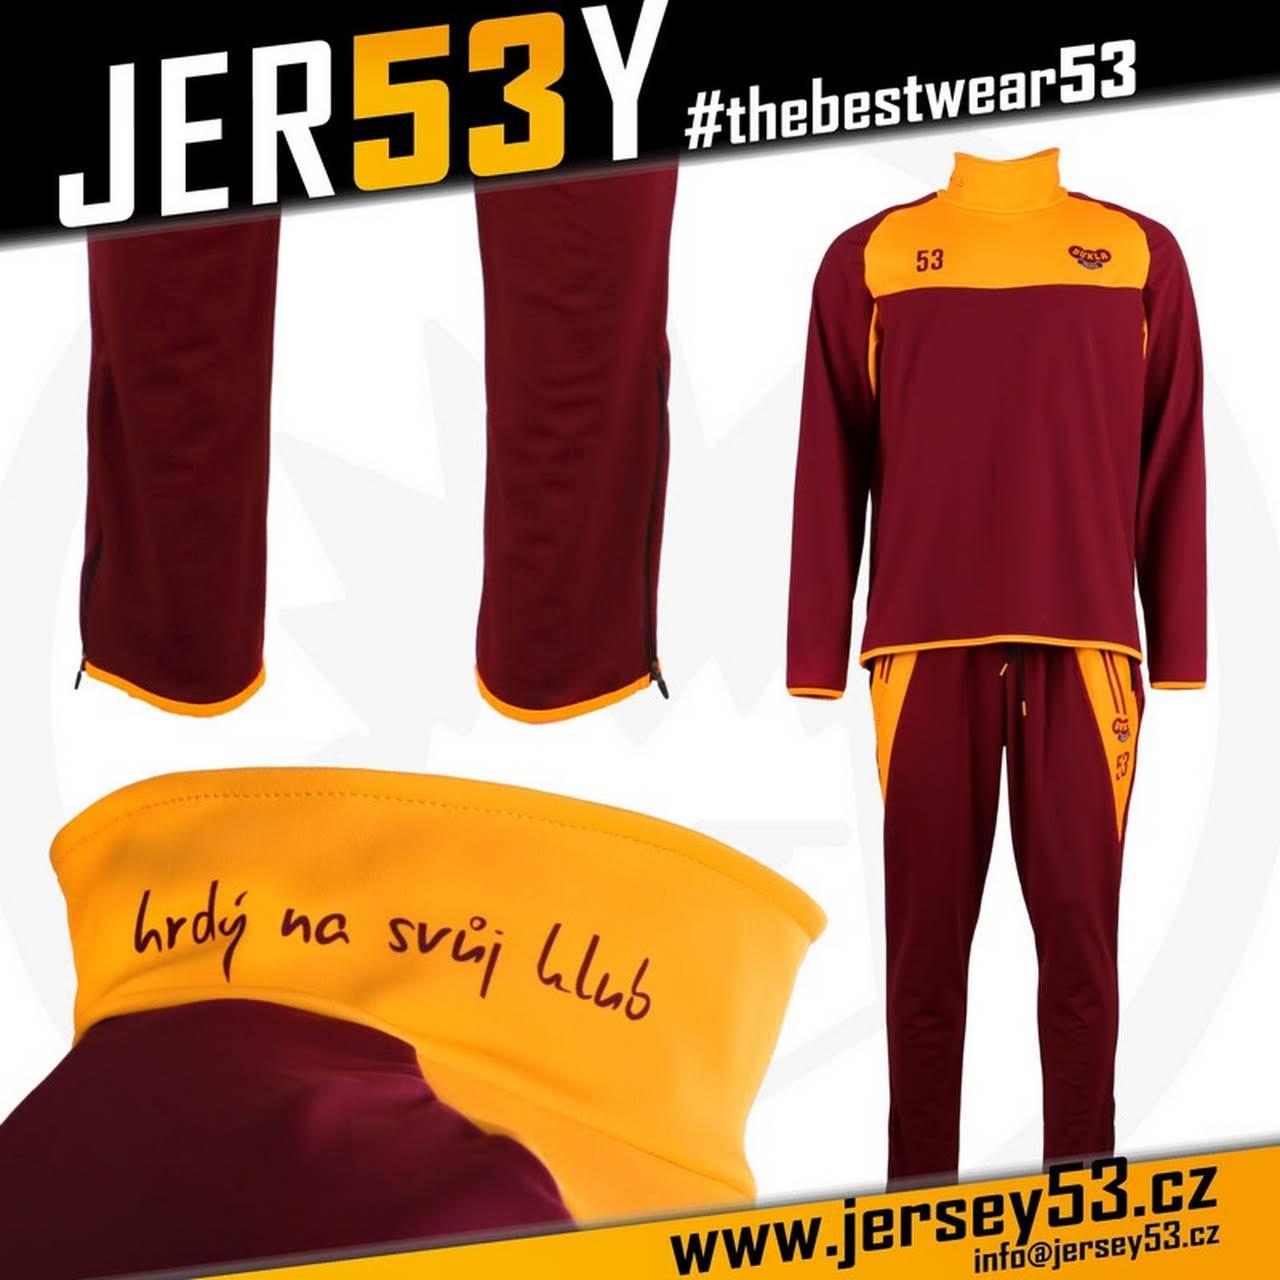 3bb2abf1c67 JERSEY53 CZ (ELSA S TEXTILE s.r.o.) - Výroba dresů a sportovních oděvů